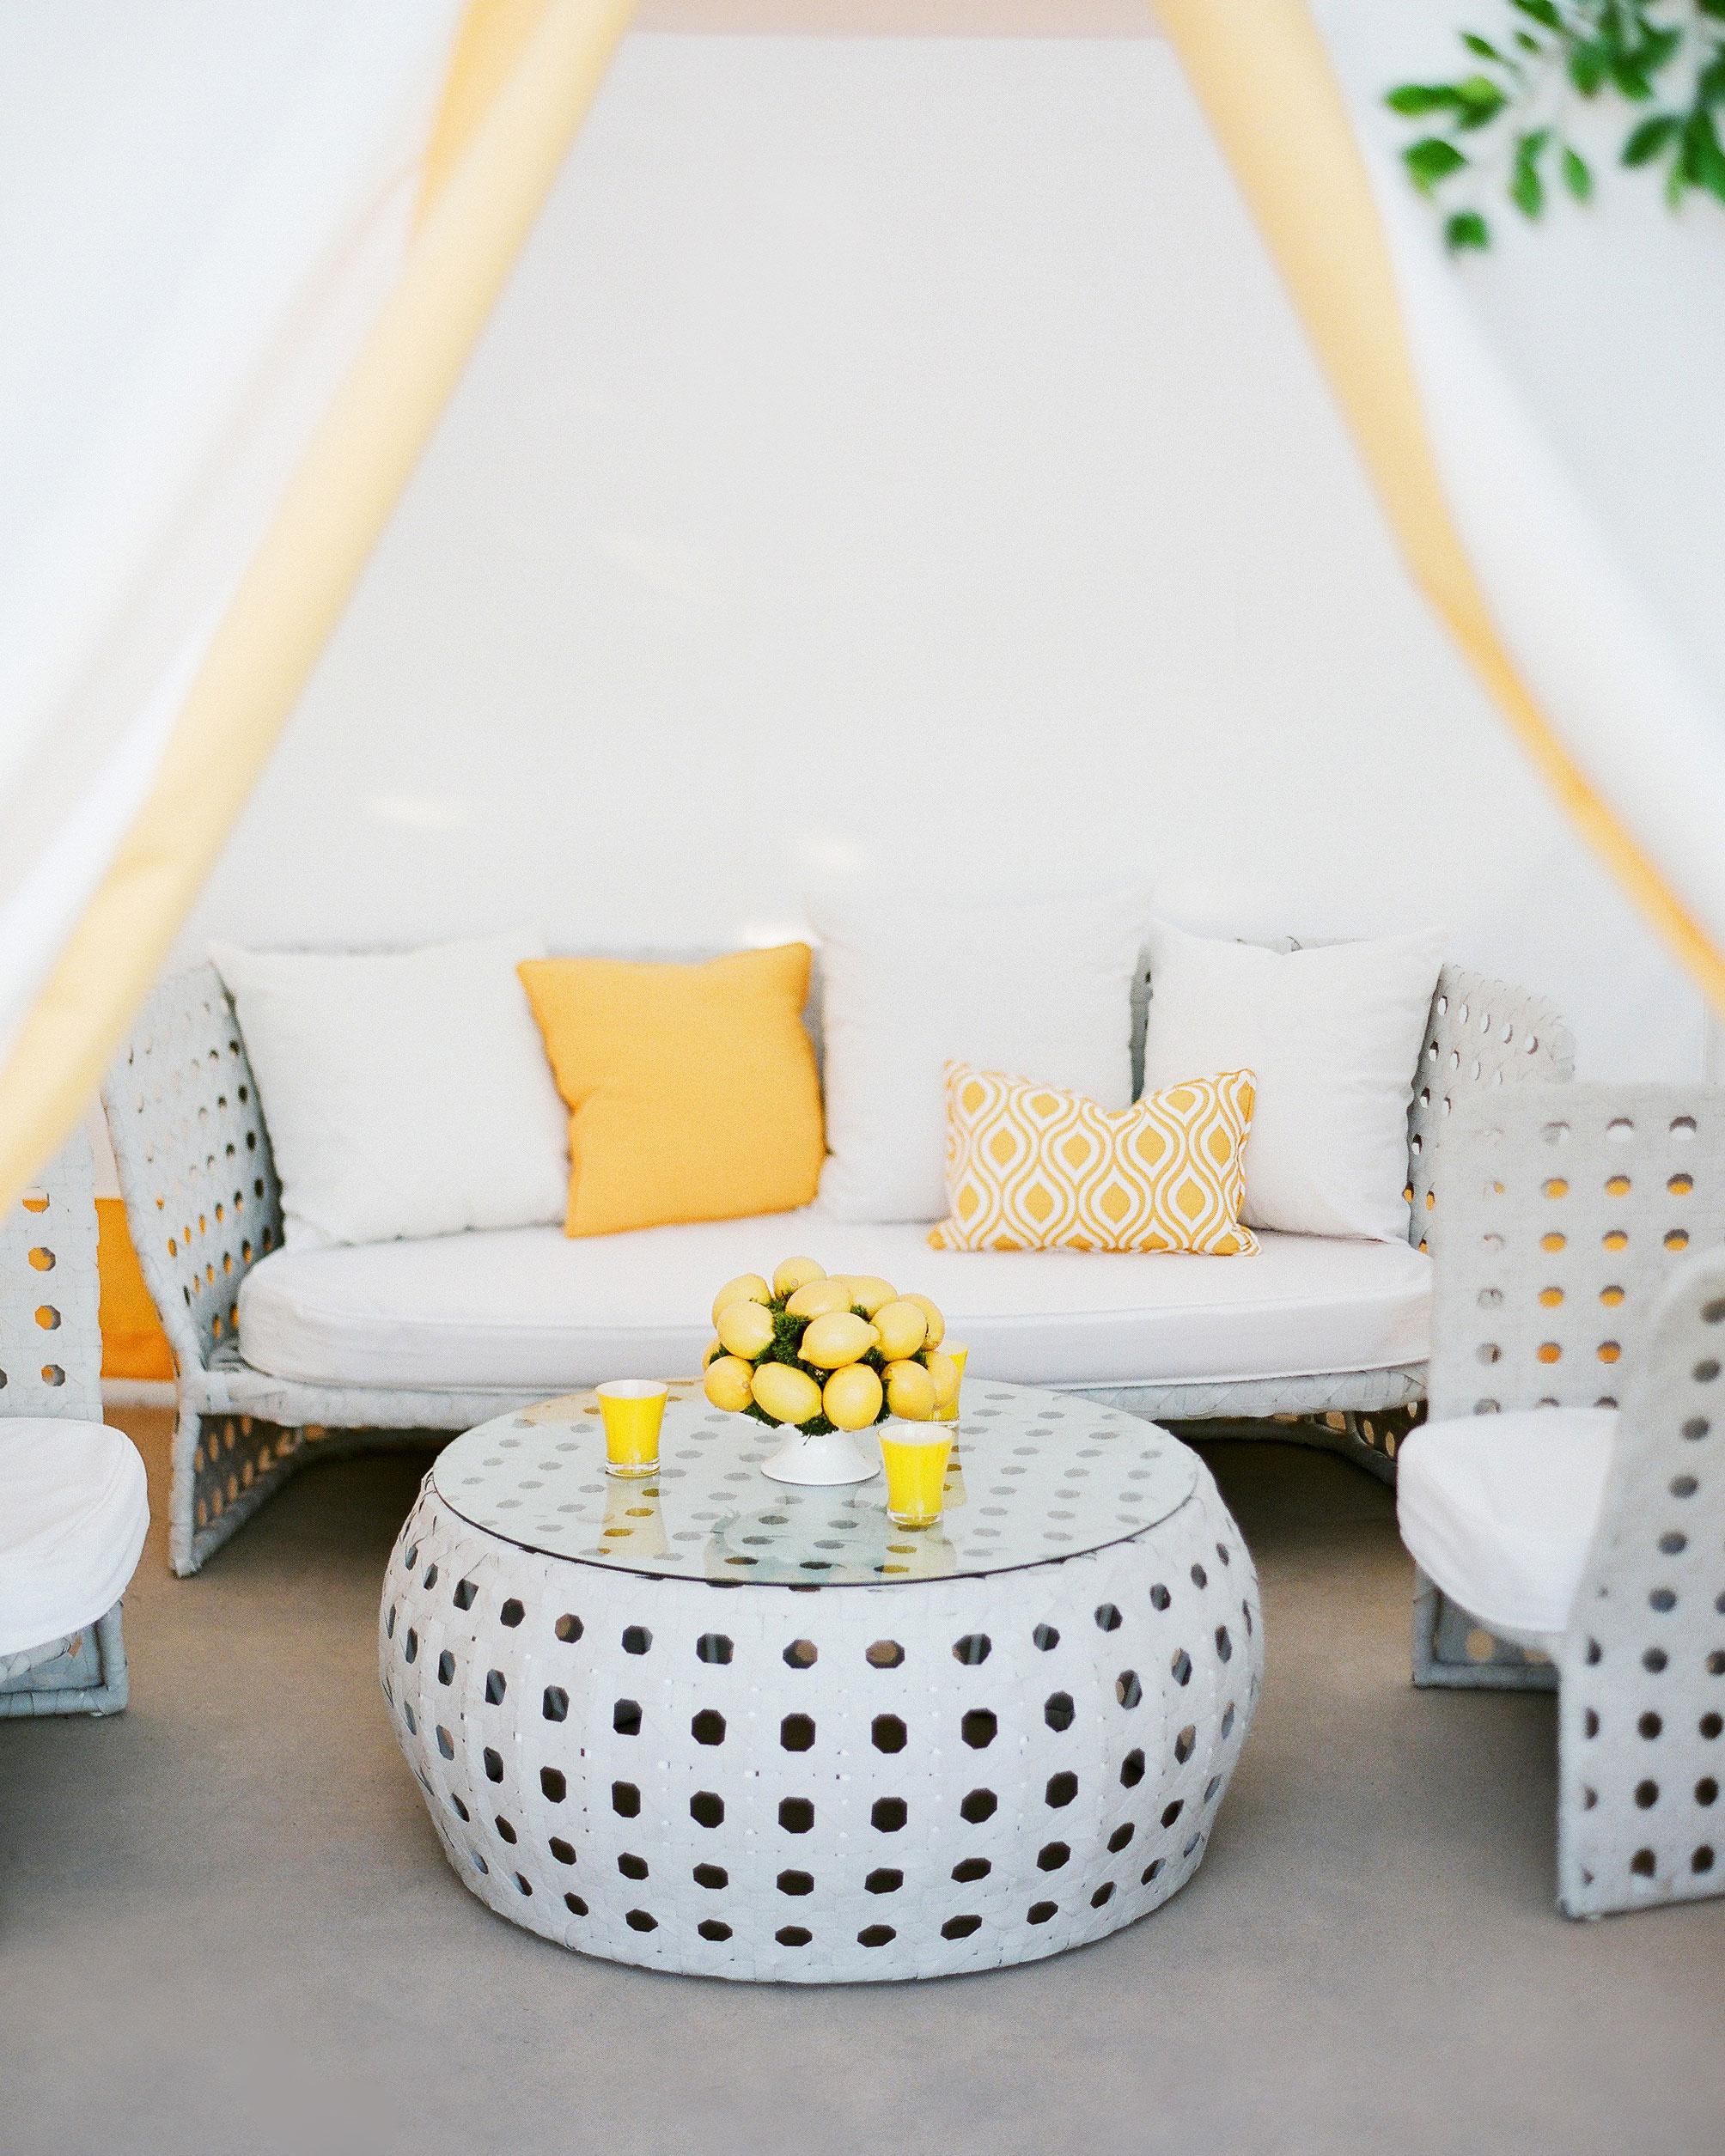 tali-mike-wedding-california-yellow-lounge-58390002-s112346.jpg